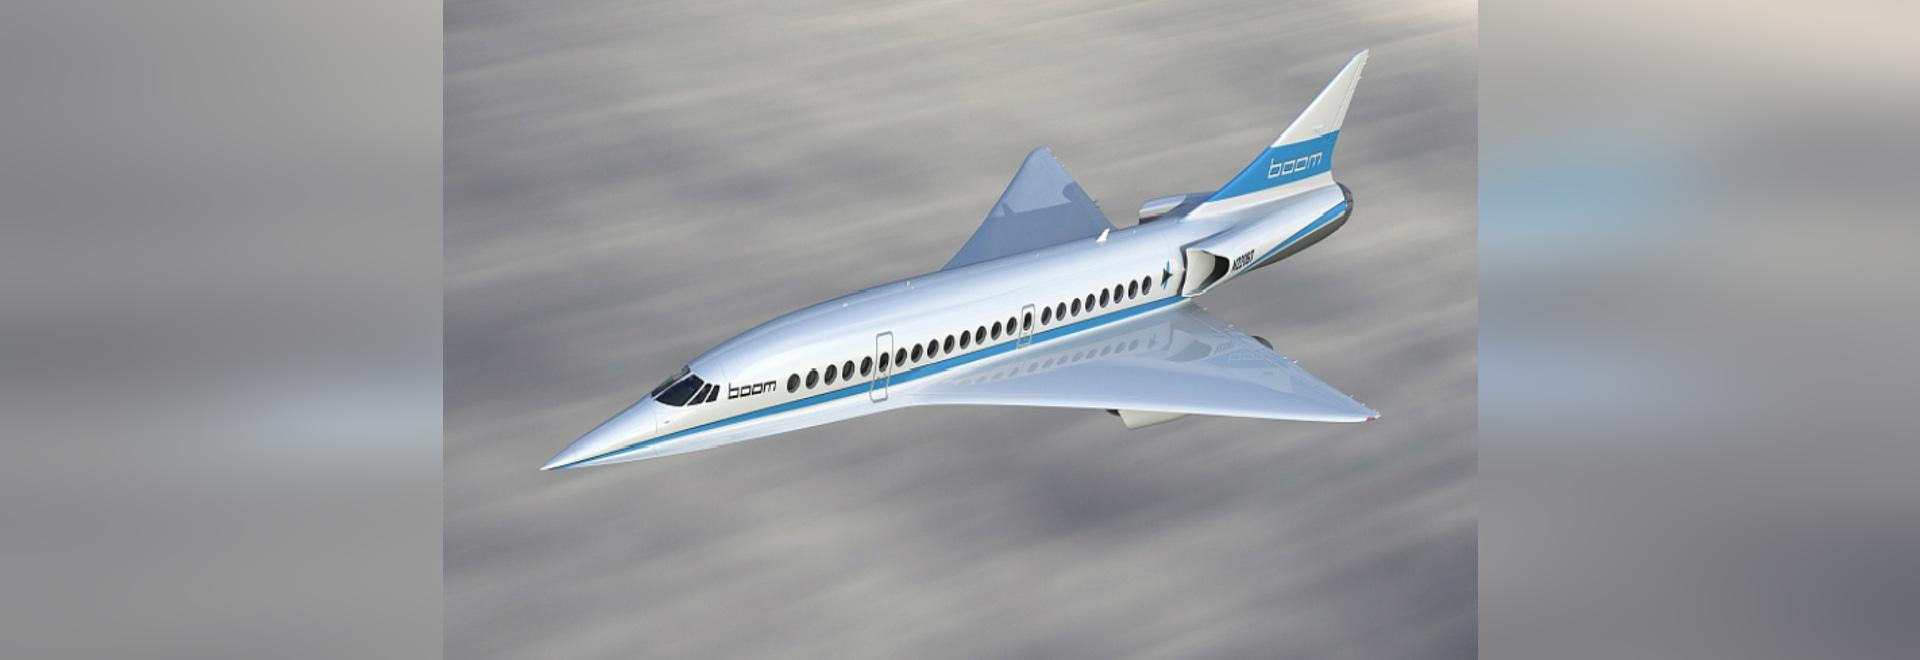 aerei supersonici Seguente-GEN